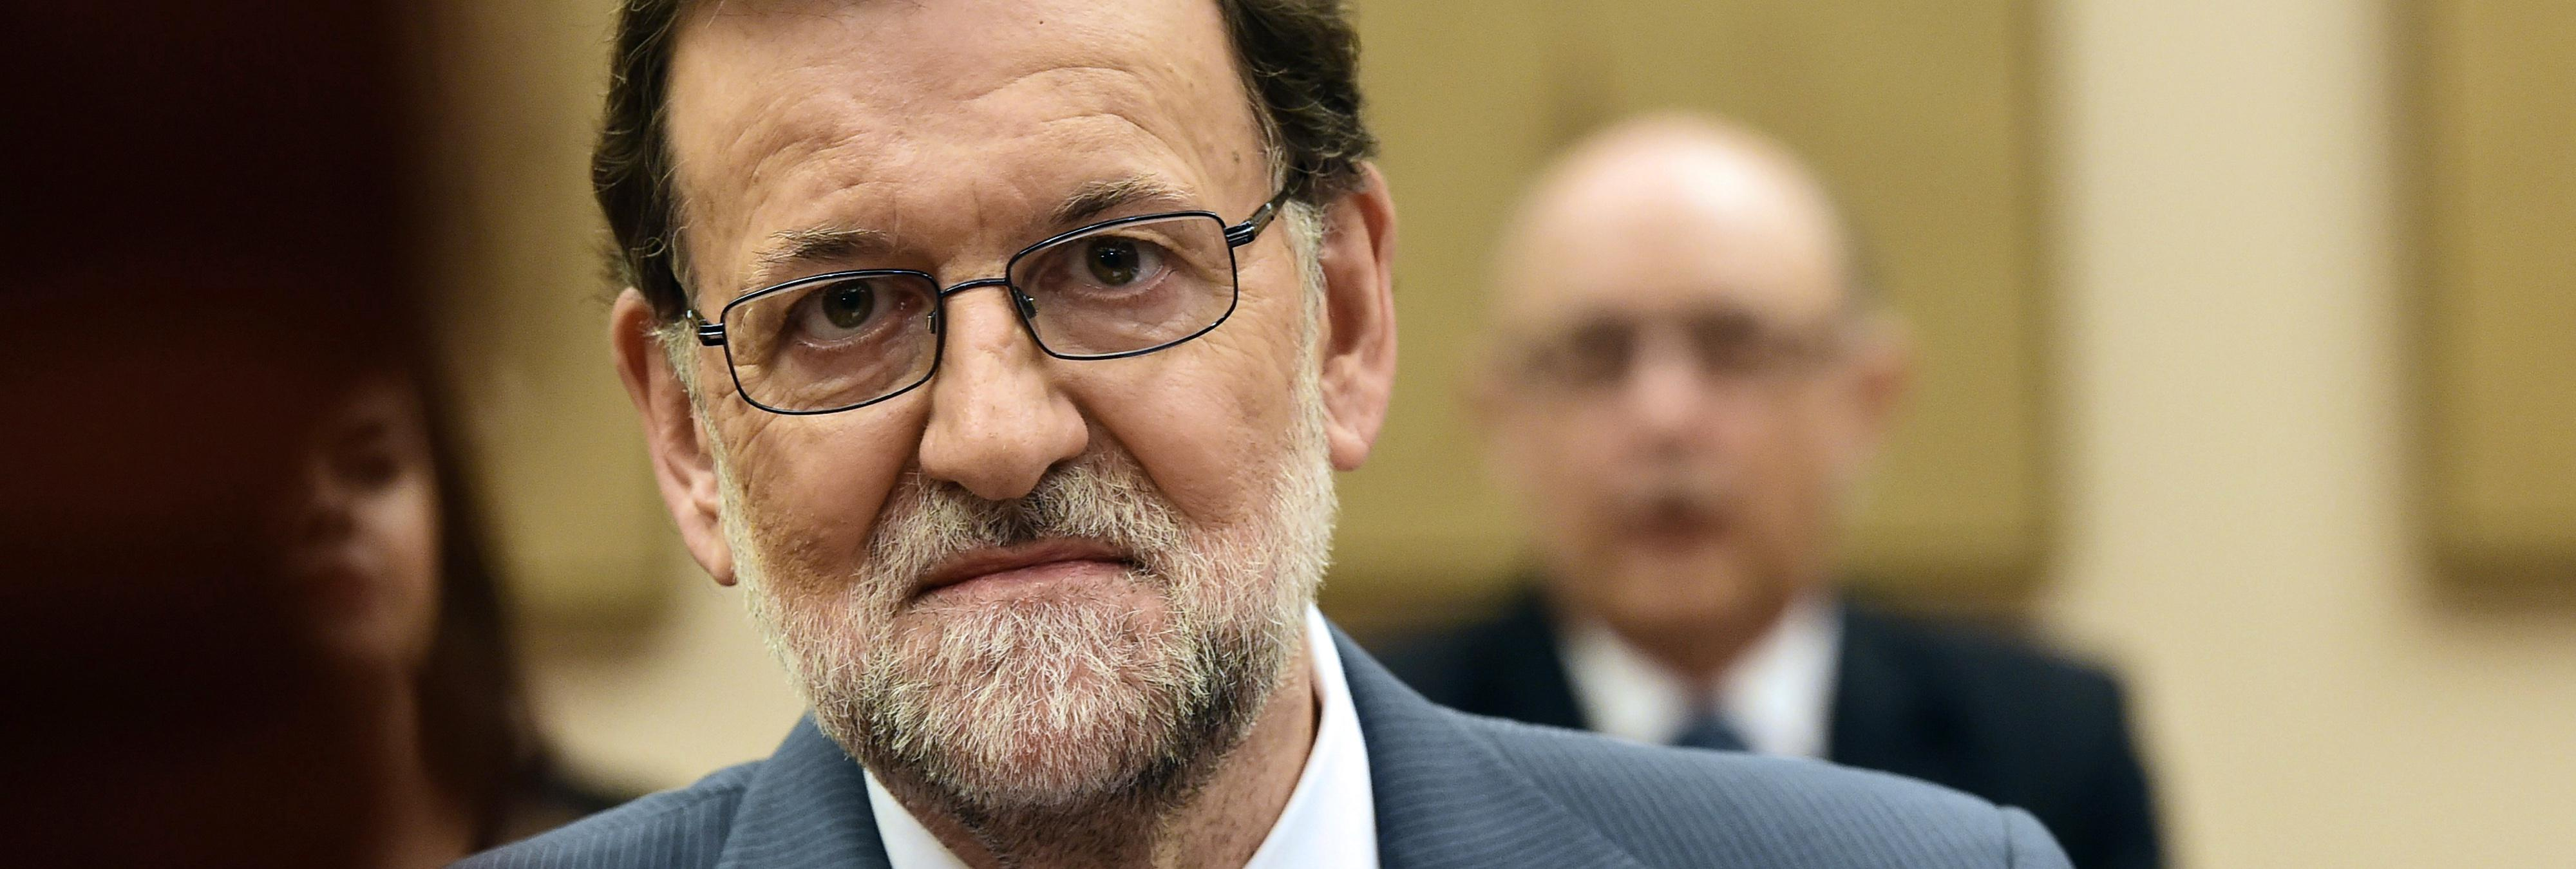 Rajoy es nombrado persona 'non grata' en su ciudad de origen